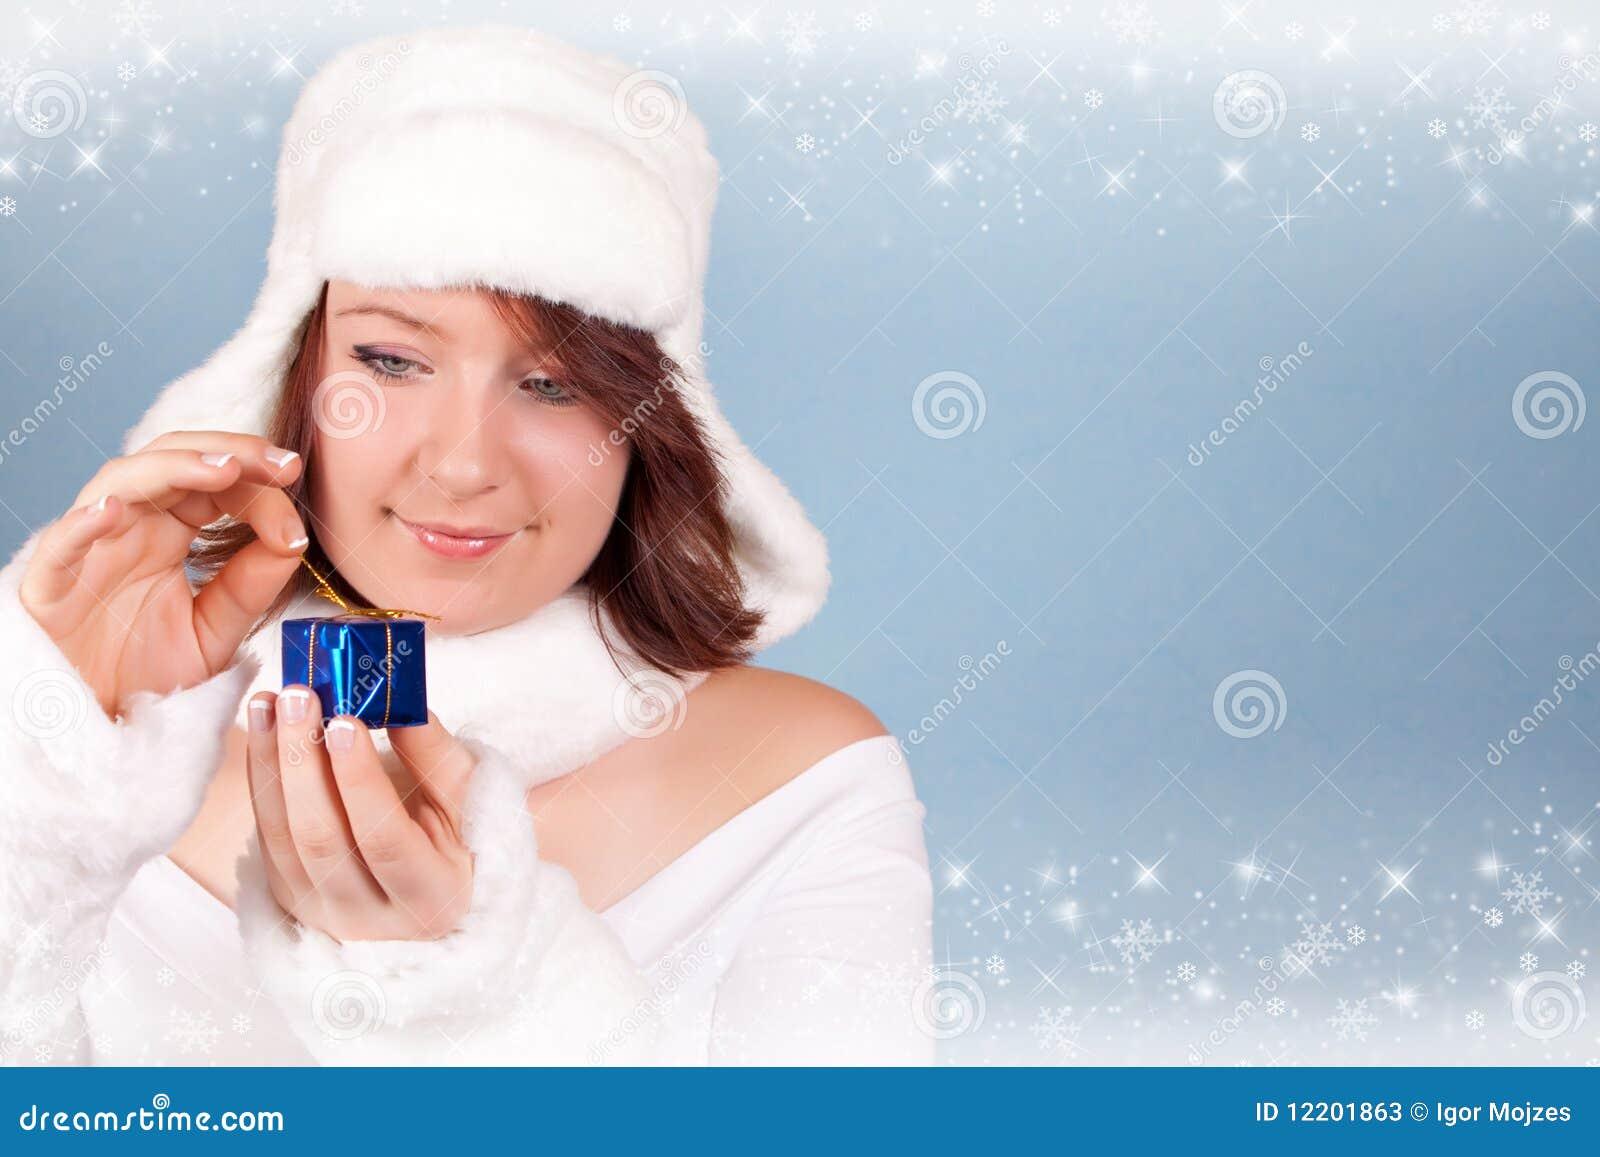 Weihnachtskönigin, die ein Geschenk öffnet